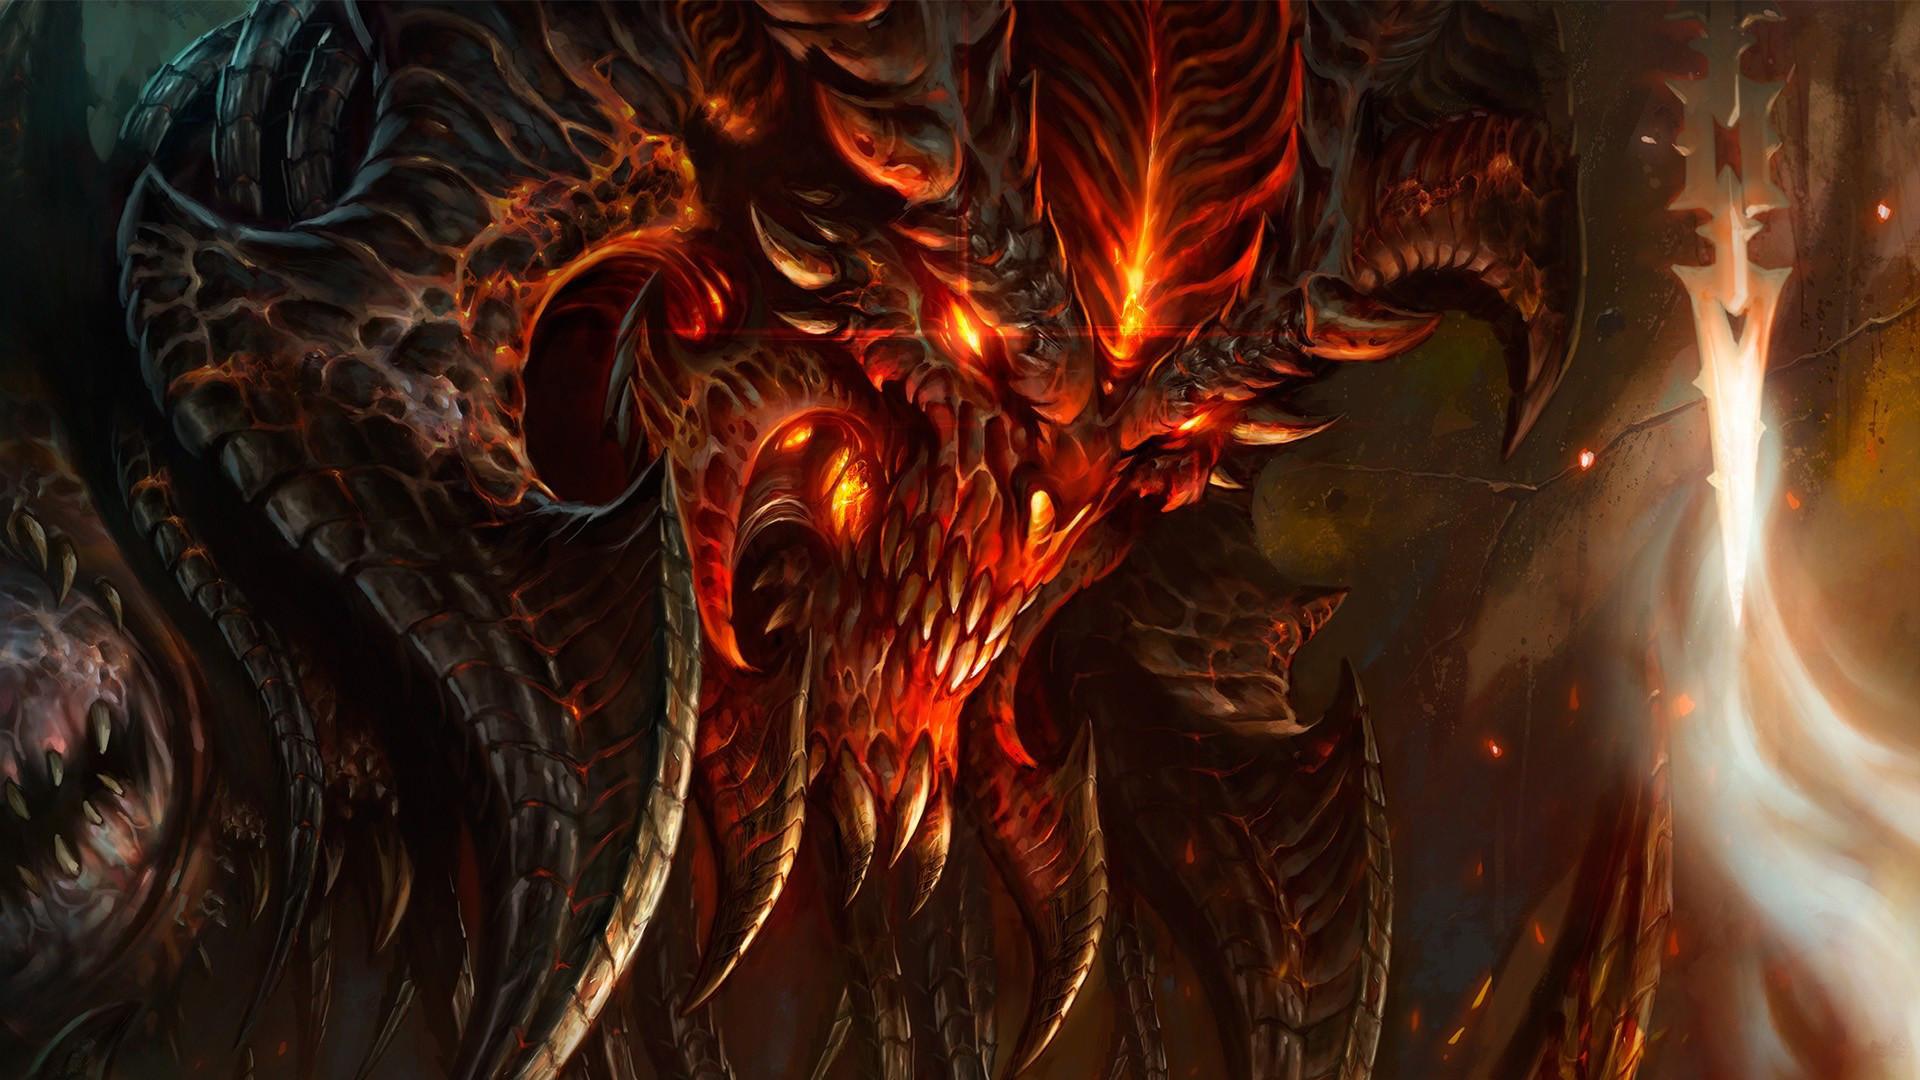 Res: 1920x1080, Diablo-III-epic-wallpaper